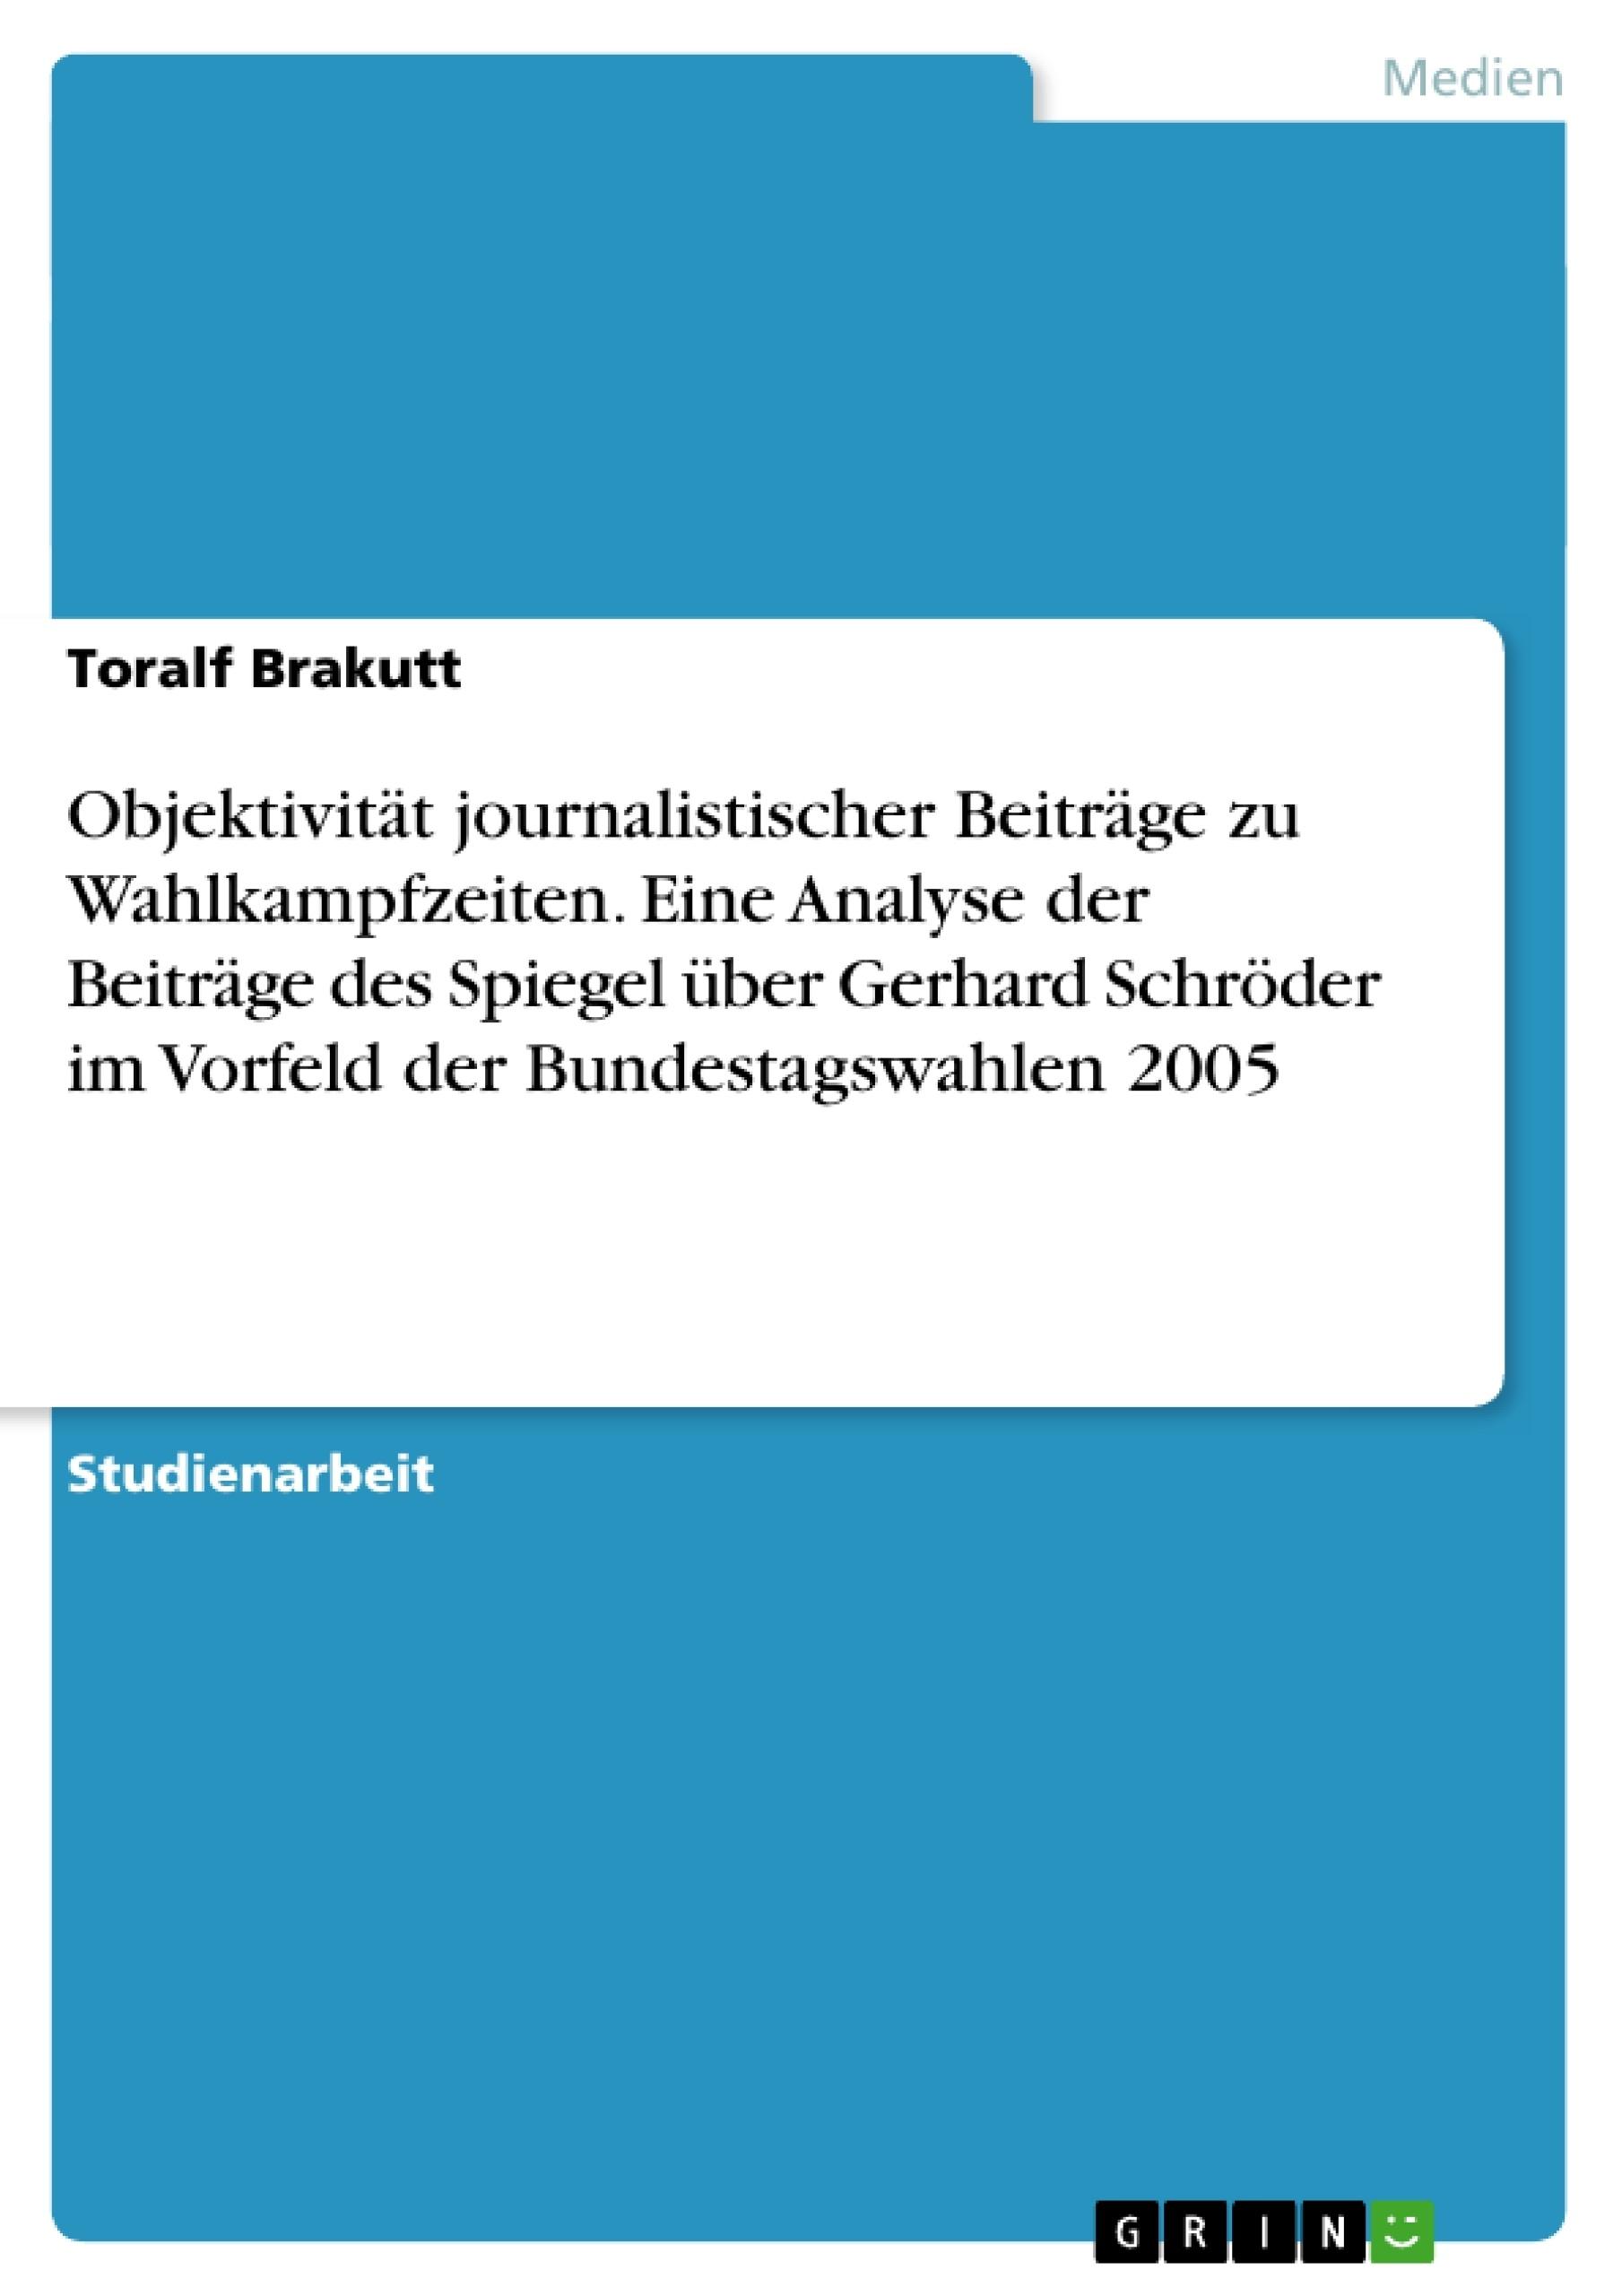 Titel: Objektivität journalistischer Beiträge zu Wahlkampfzeiten. Eine Analyse der Beiträge des Spiegel über Gerhard Schröder im Vorfeld der Bundestagswahlen 2005